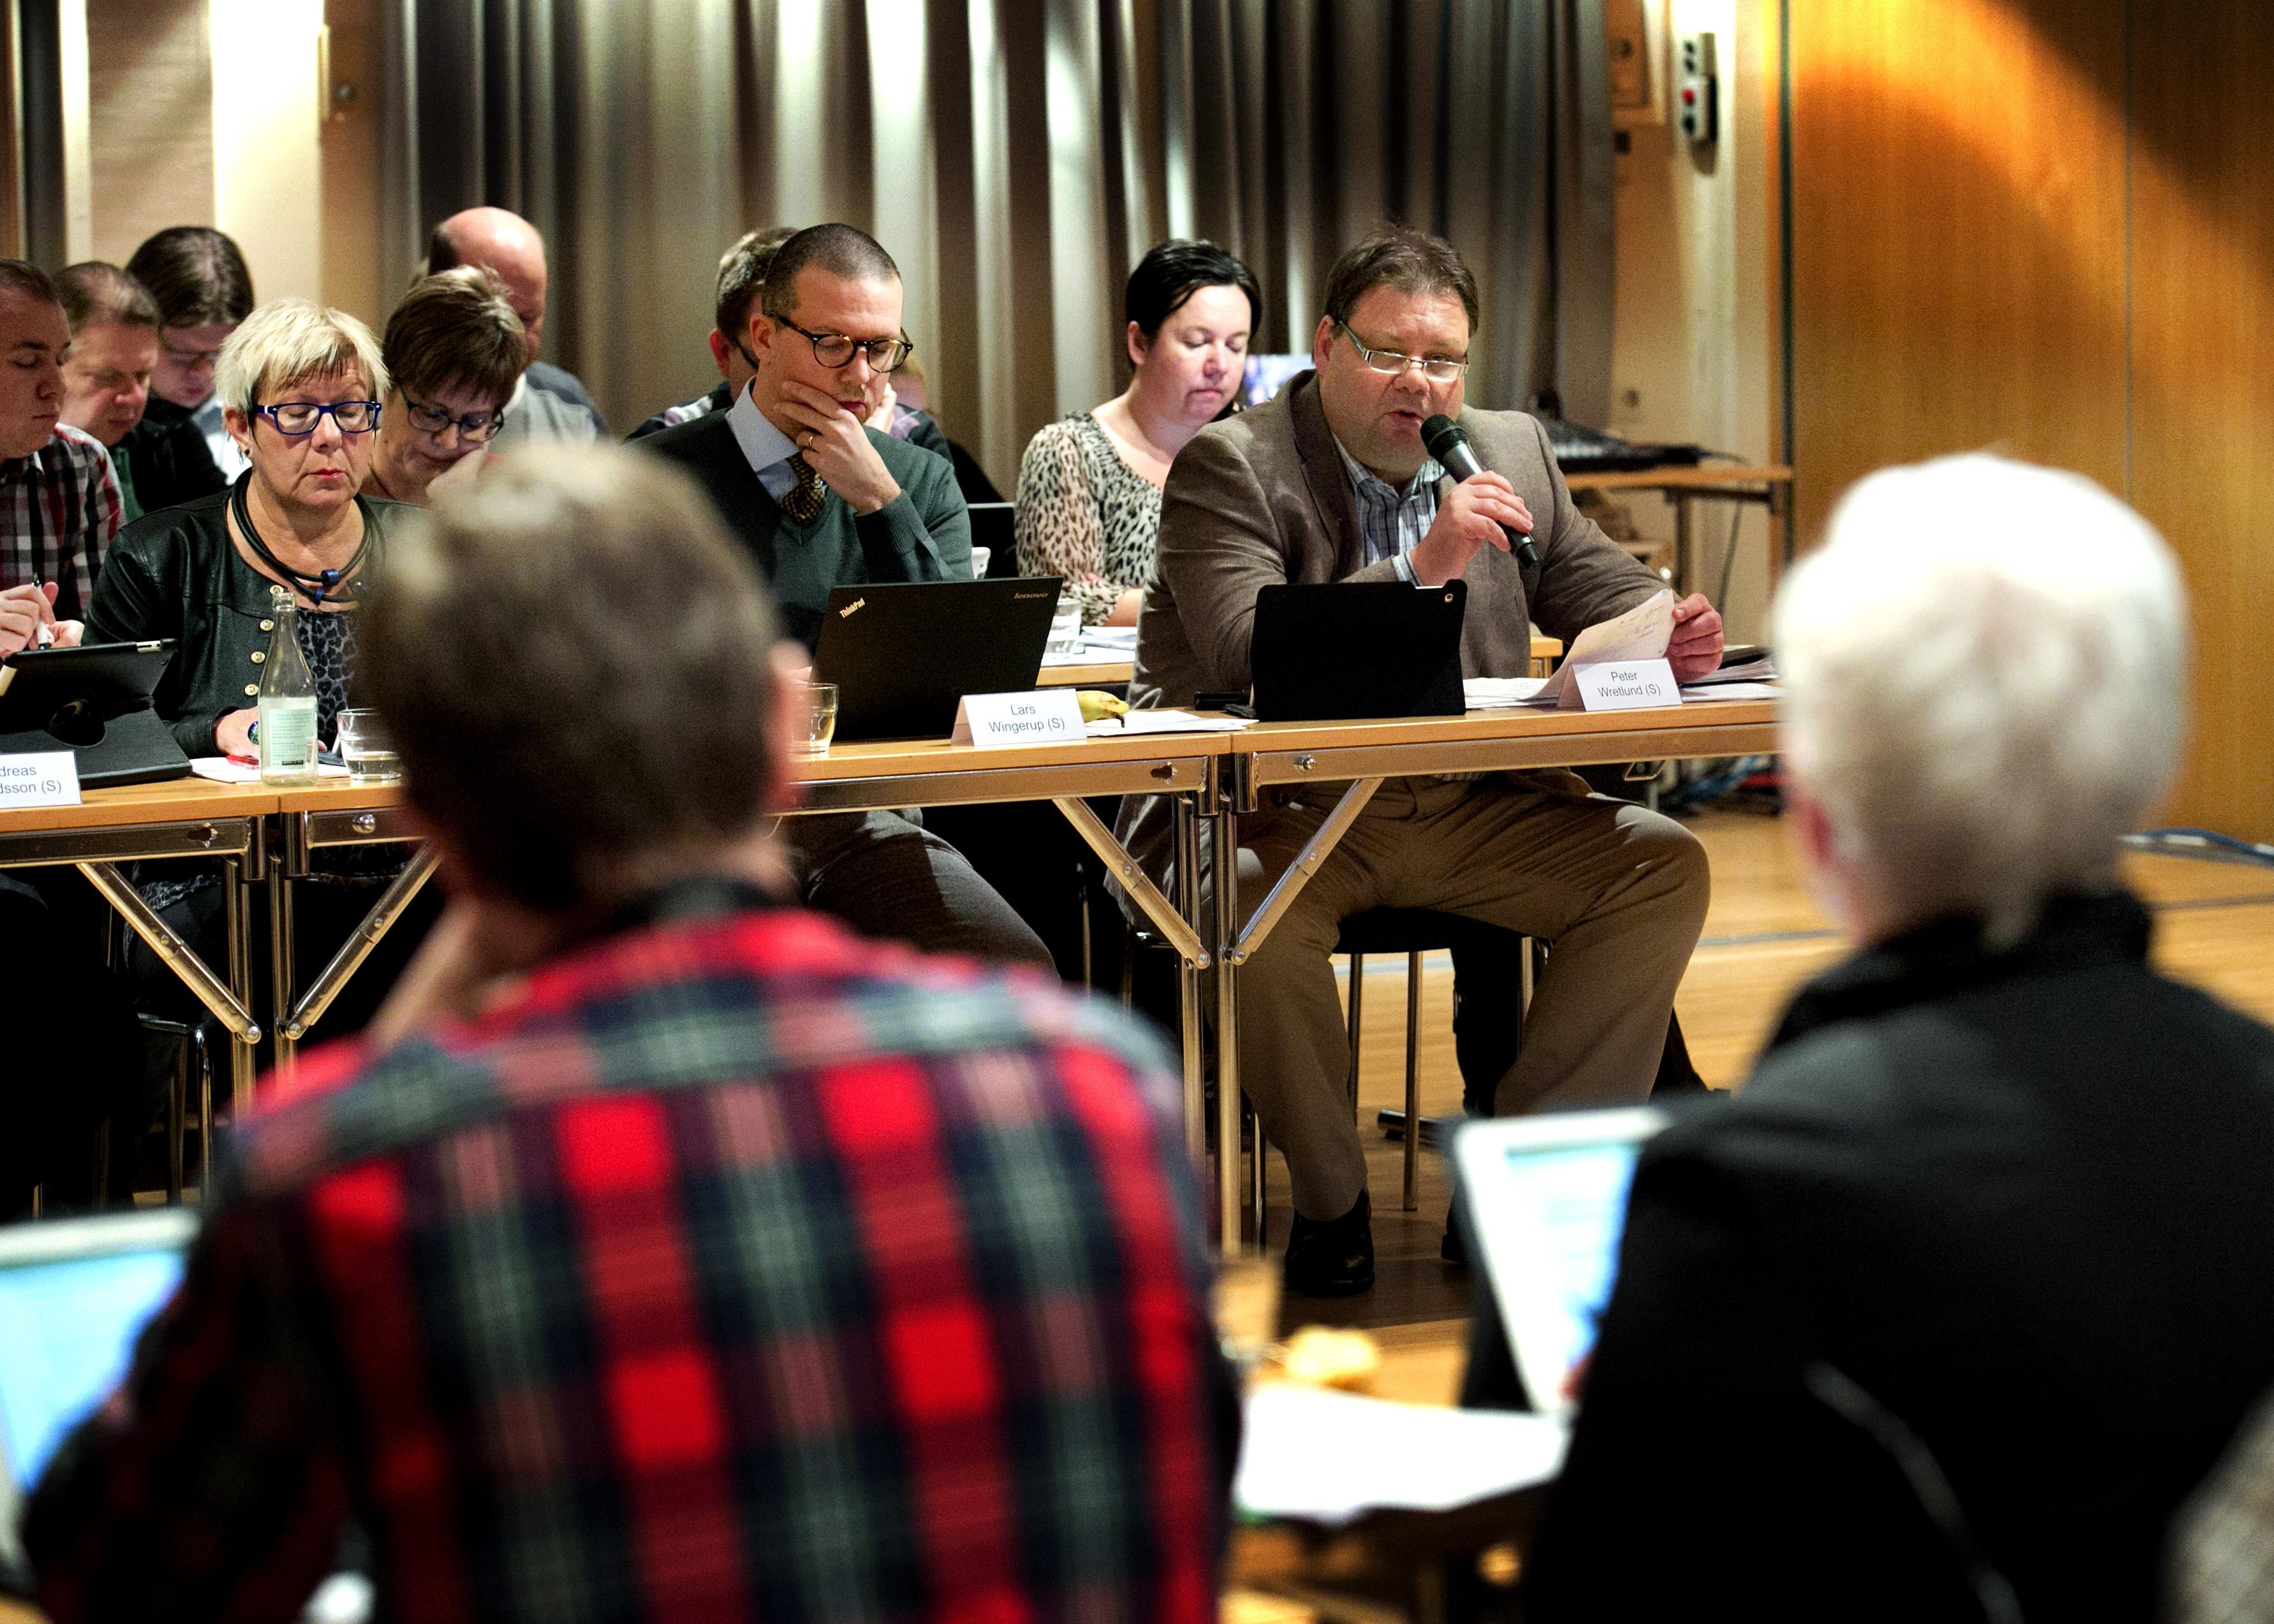 Efter nŠstan en timmes debatt i kommunfullmŠktige kom svaret Ð IK Oskarshamn fŒr en miljon av kommunen. En ledamot valde att gŒ emot sin partilinje: Tobias Hšrnfeldt Ršhr (FP).